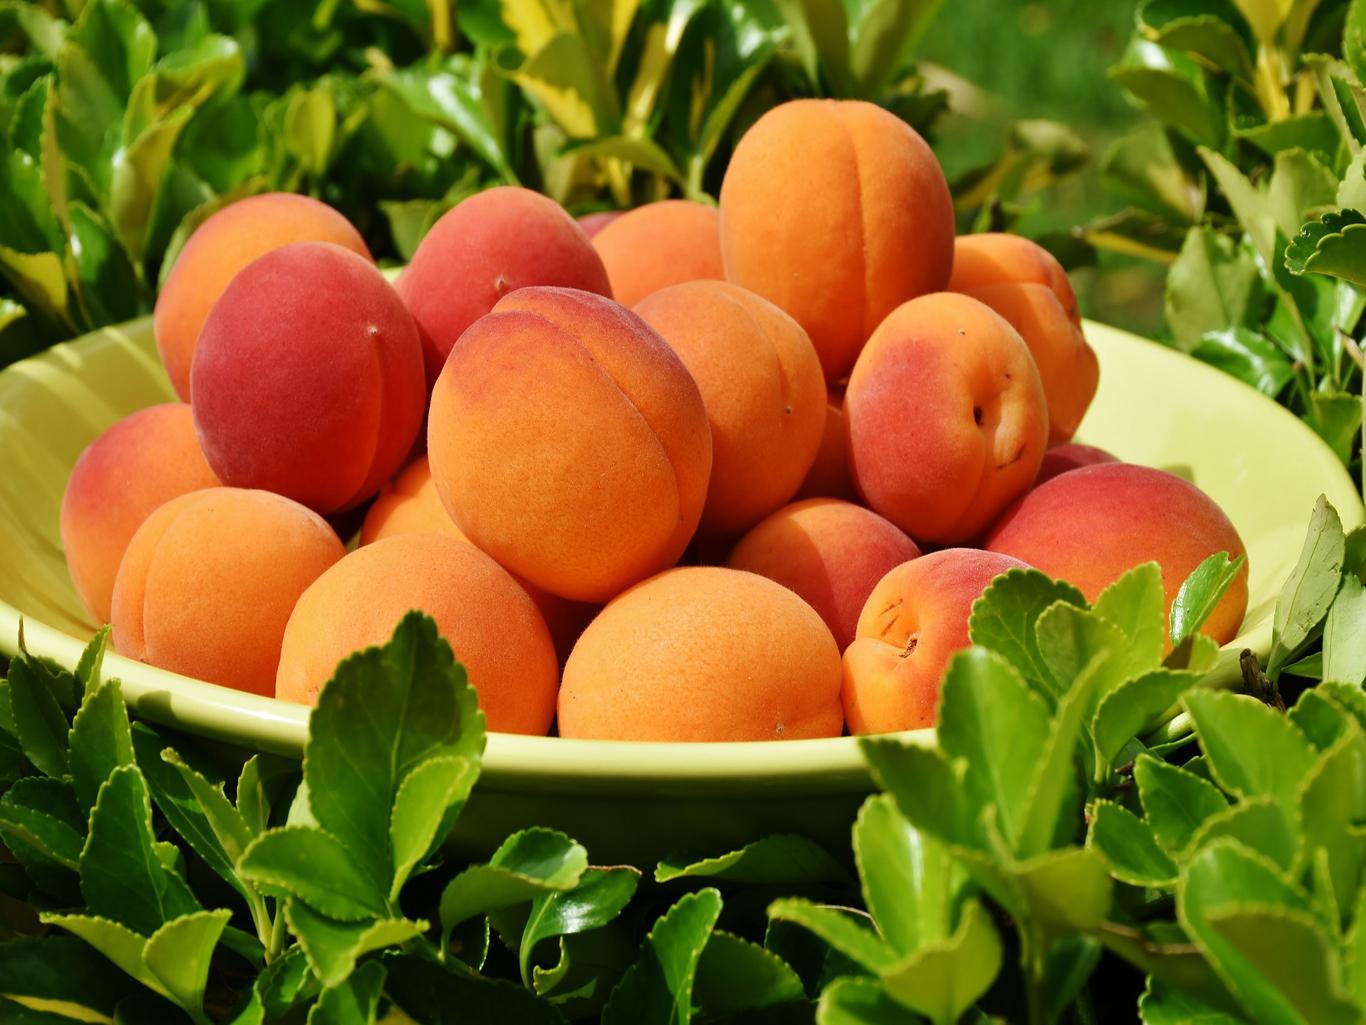 Лучший летний фрукт: все о пользе персиков